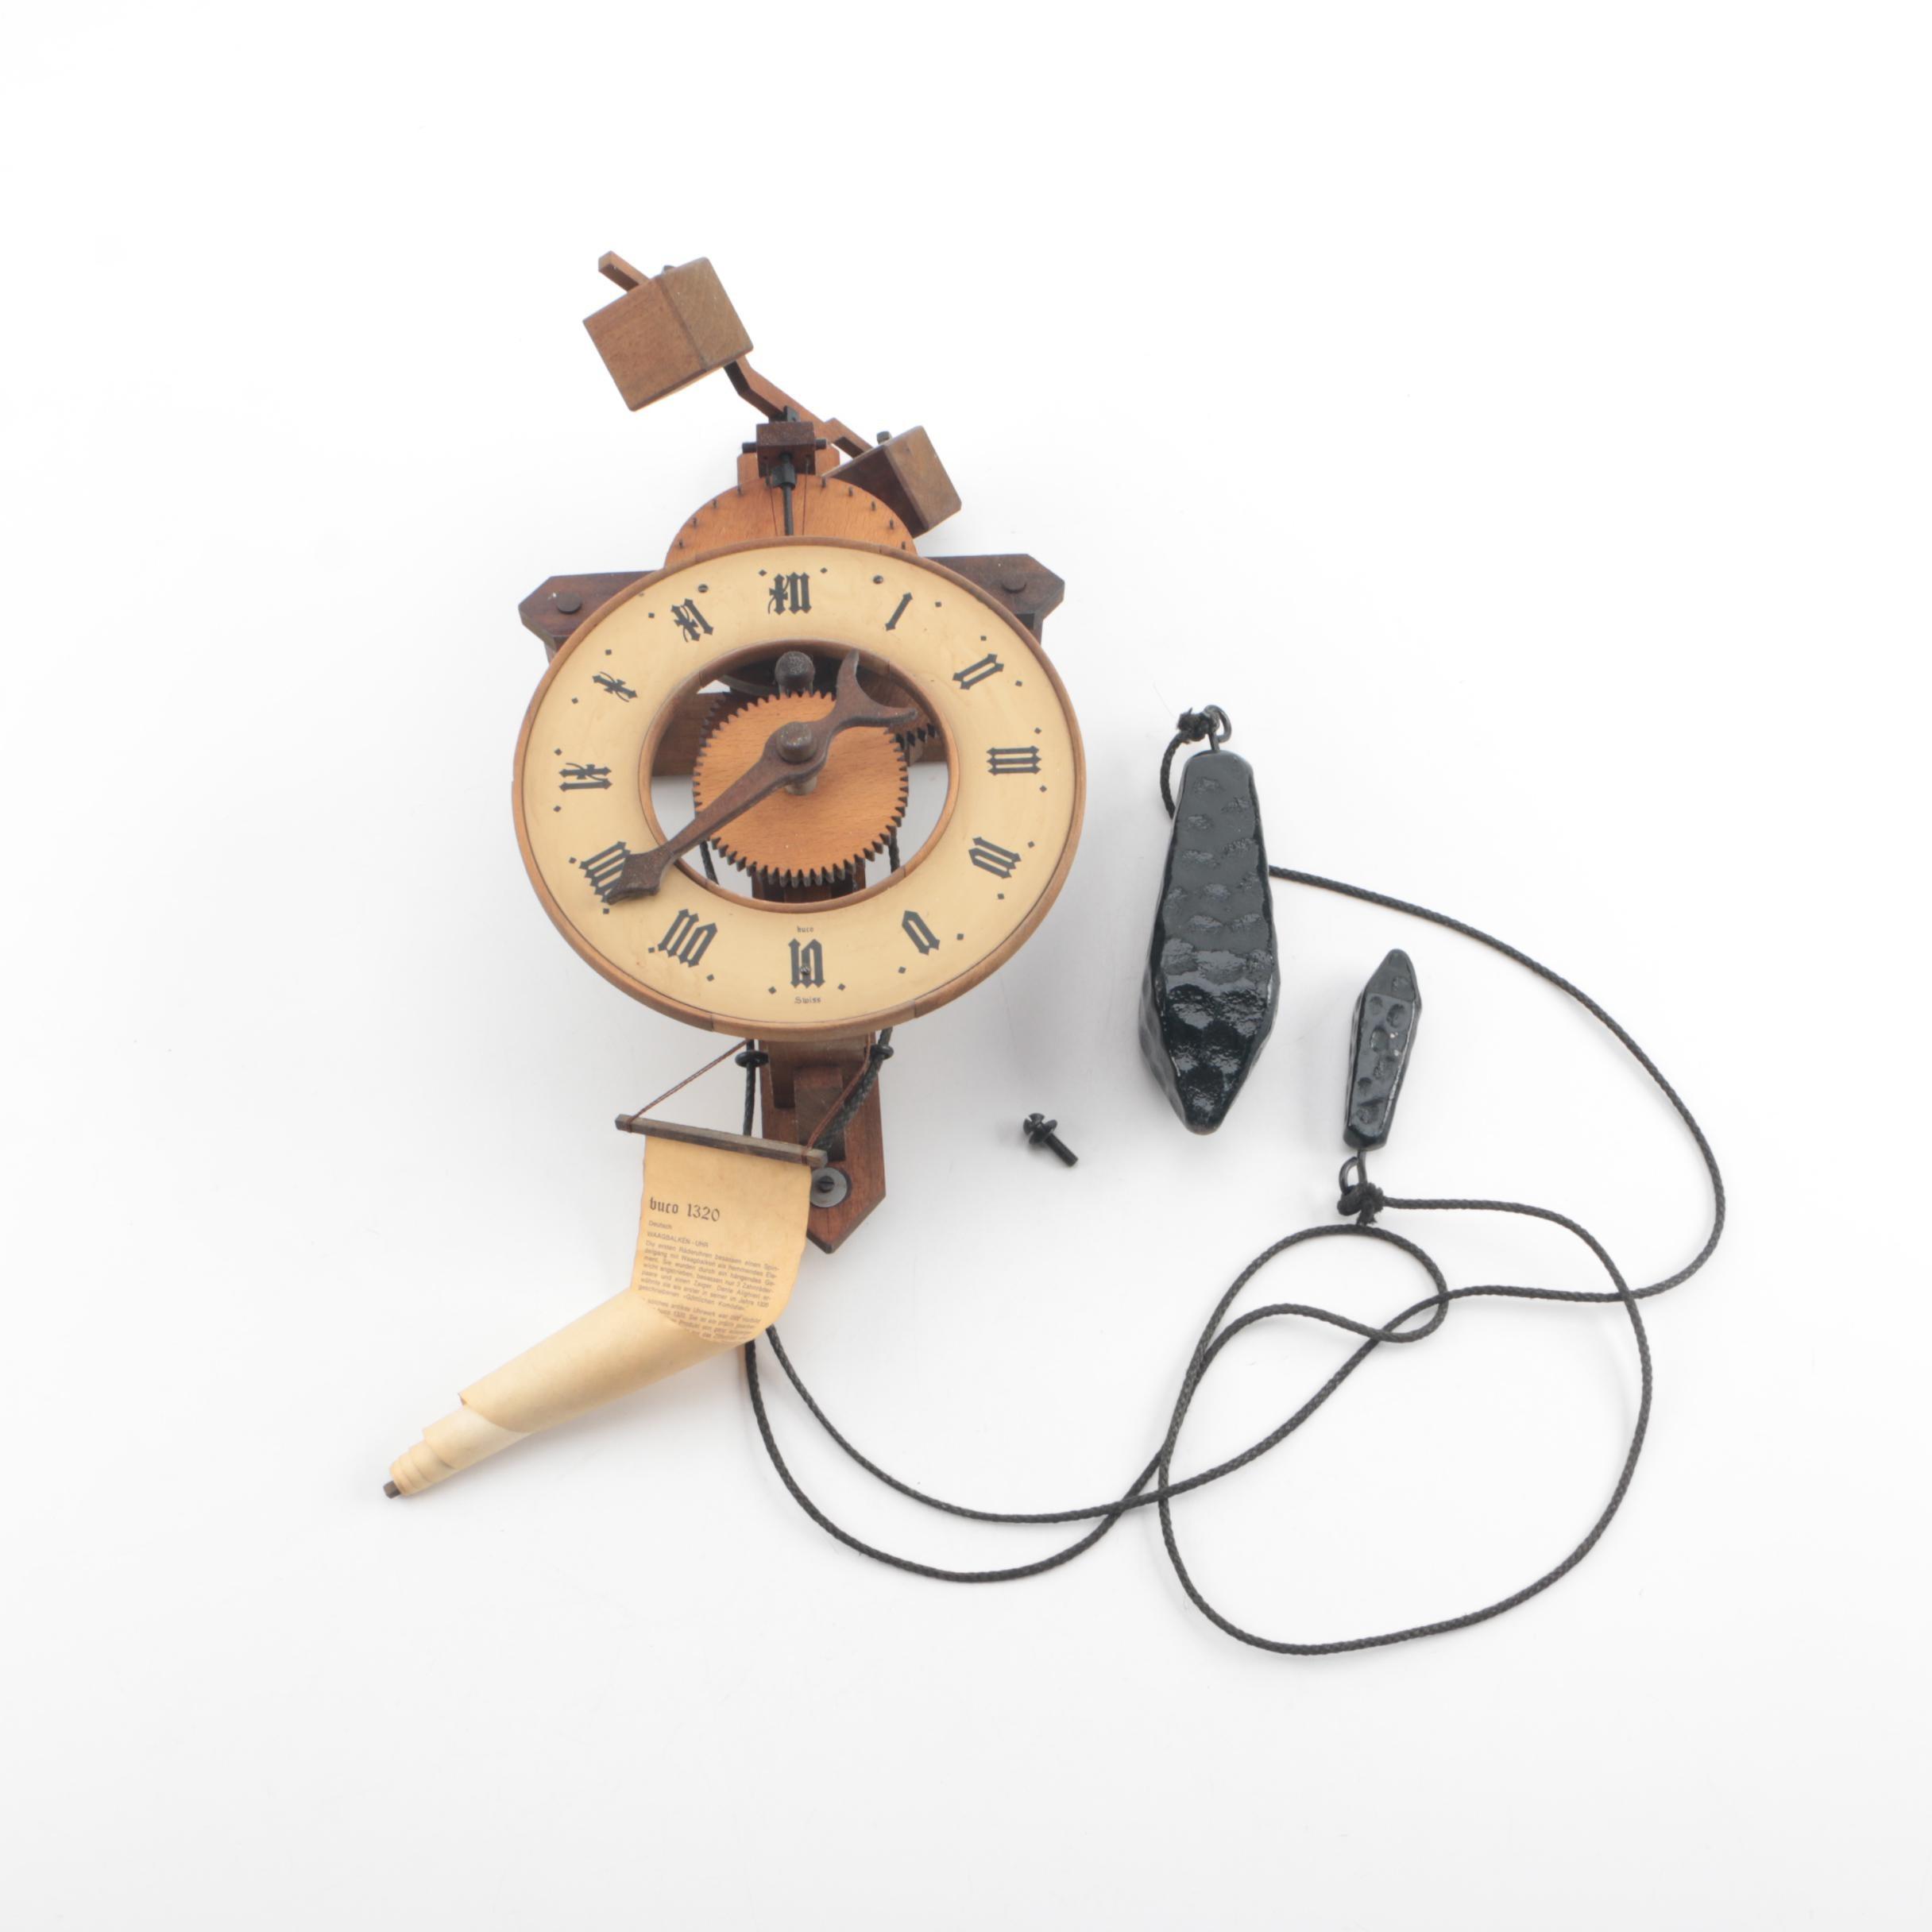 Baumann Buco 1320 Swiss Wall Clock